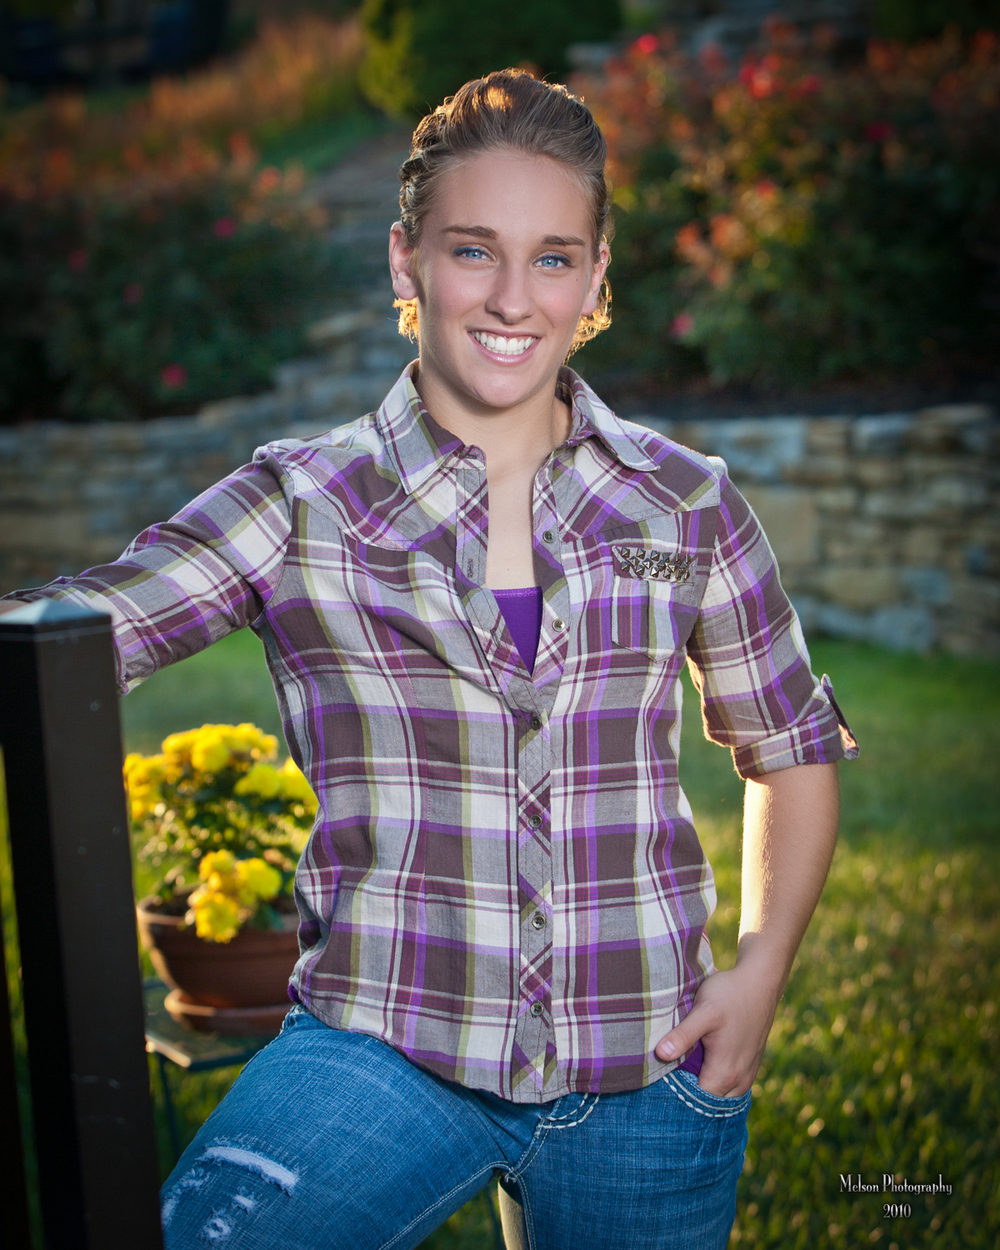 Caitlyn-001-8x10.jpg